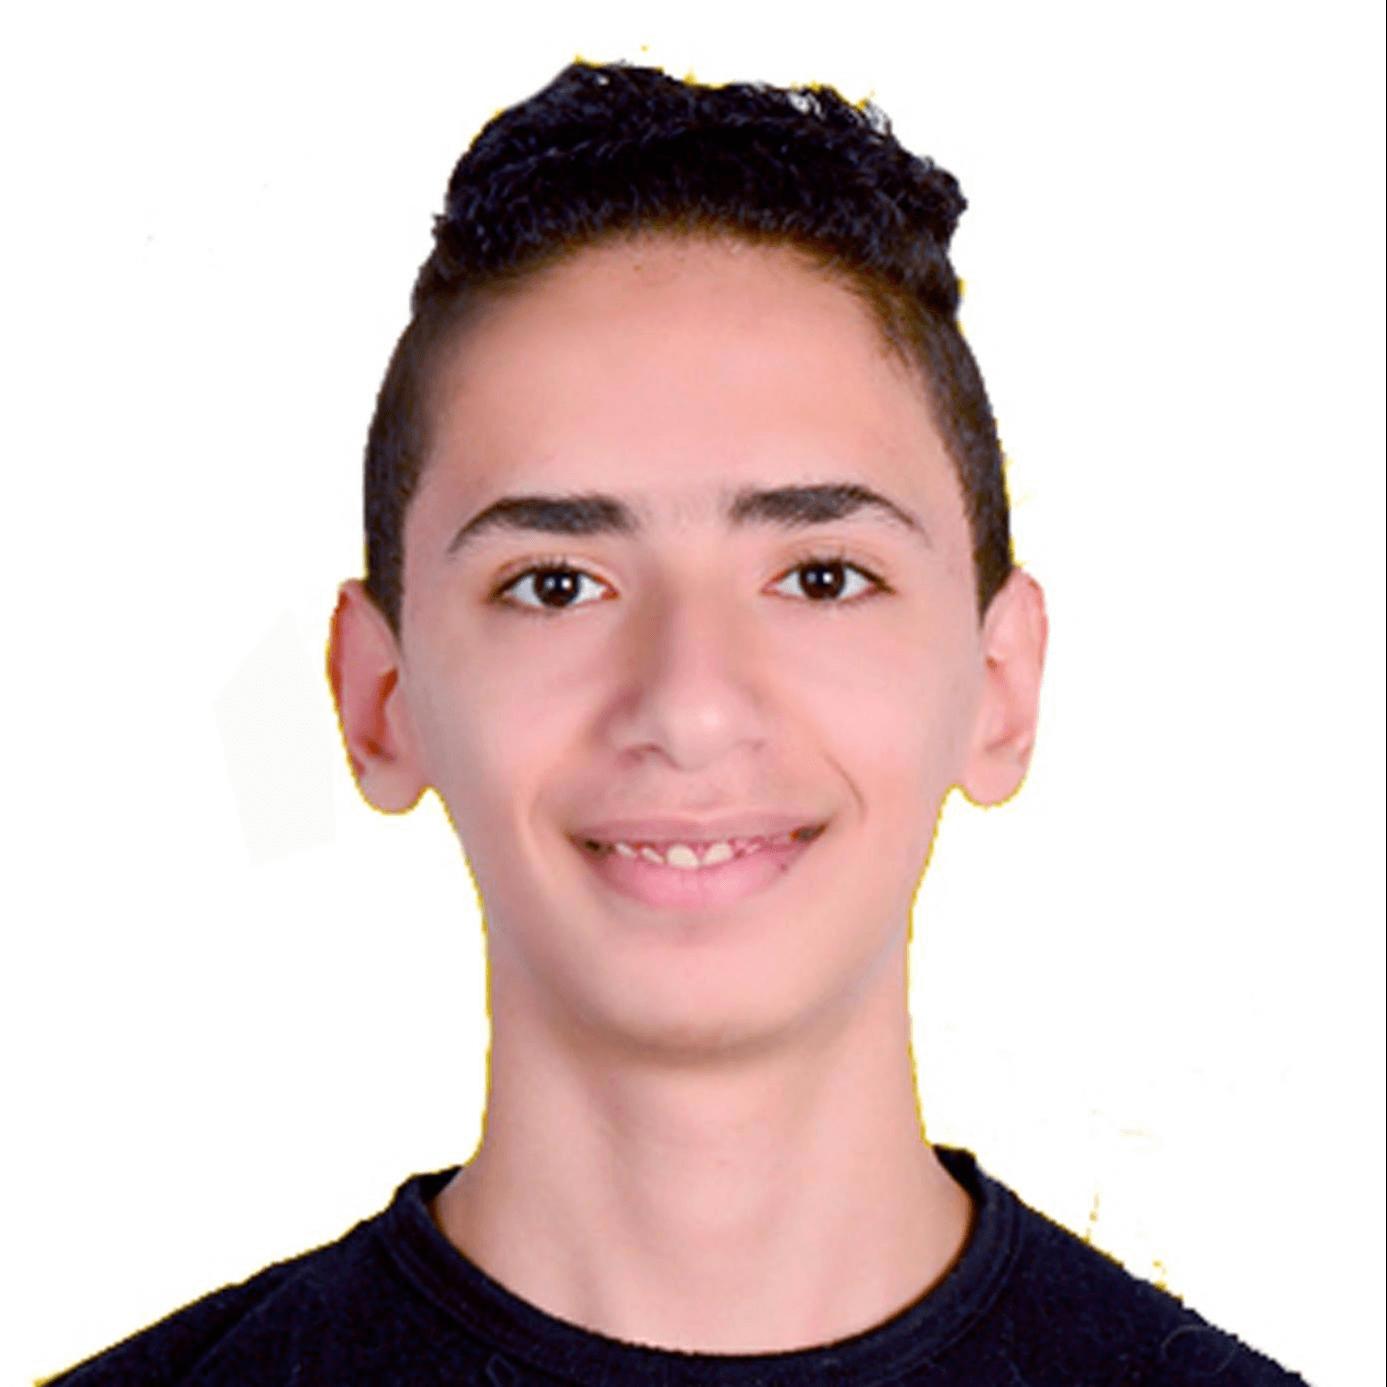 محمد حمدي عبد المجيد